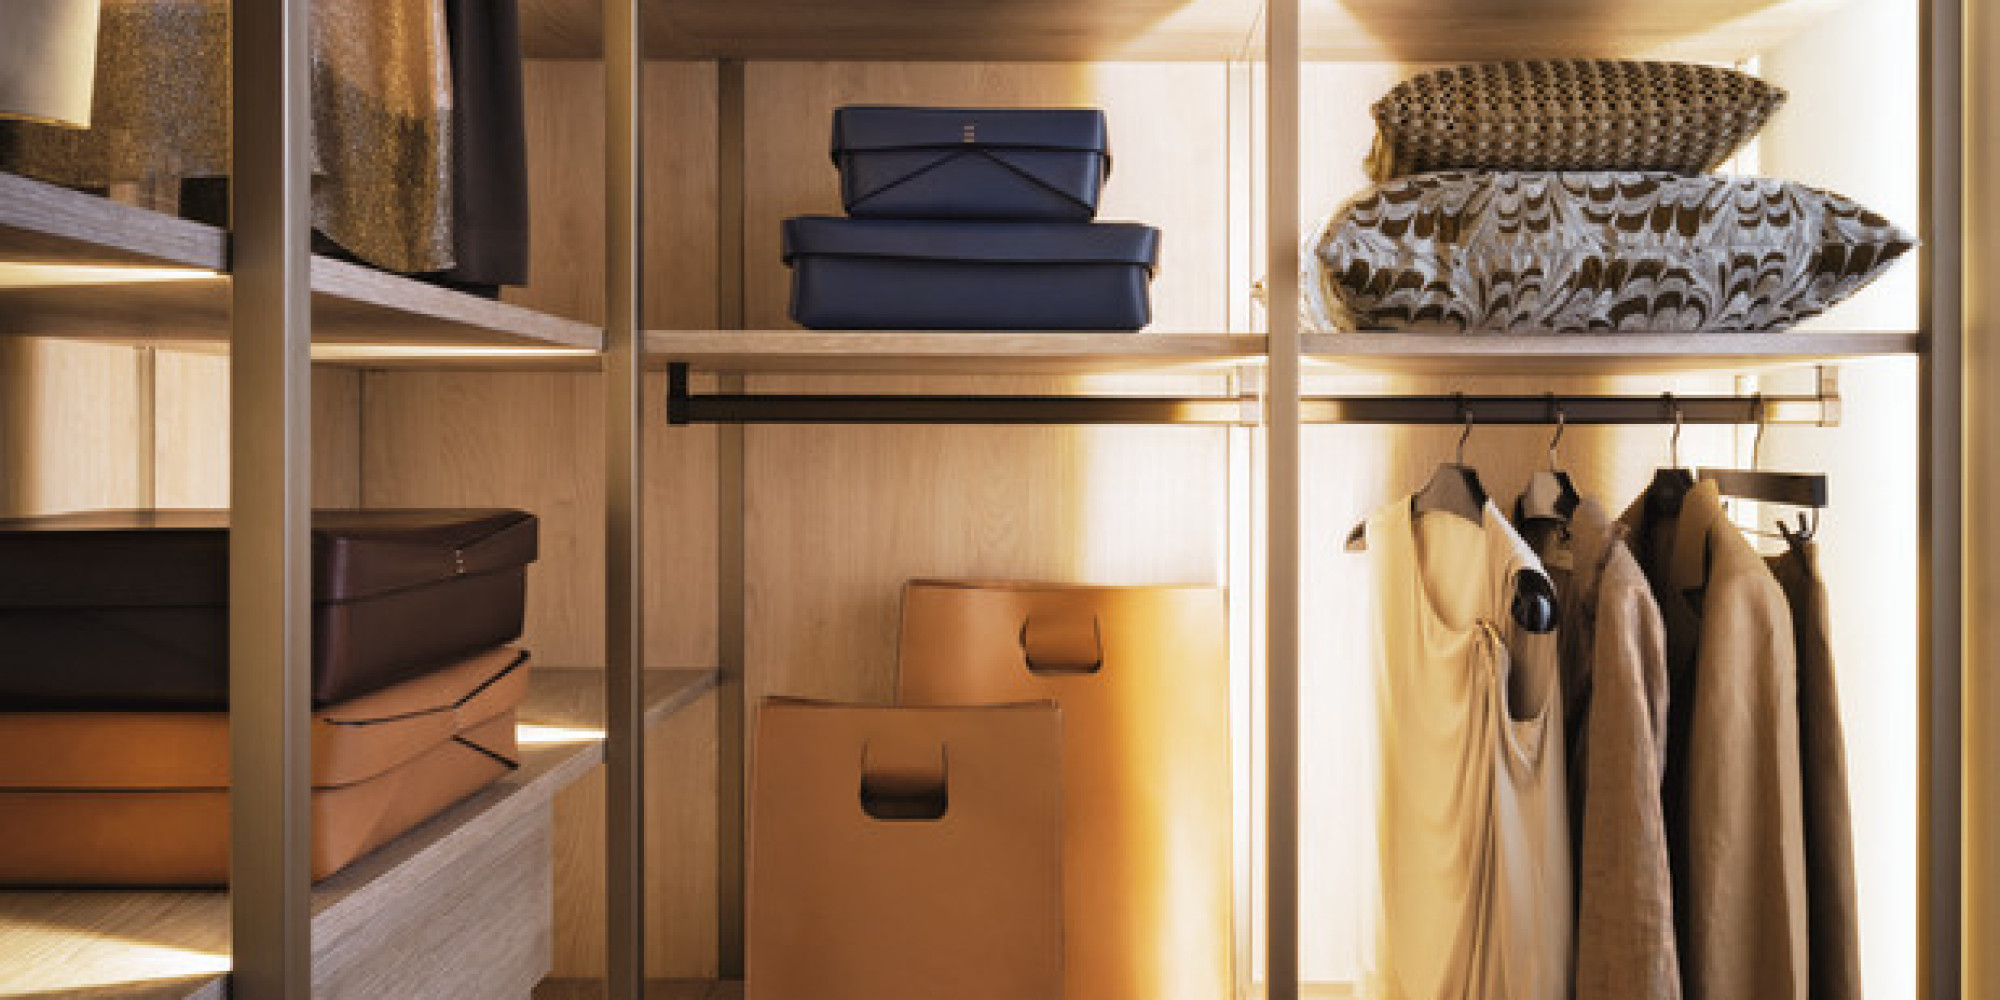 Houzz vi spiega come realizzare la cabina armadio perfetta for Cabina armadio